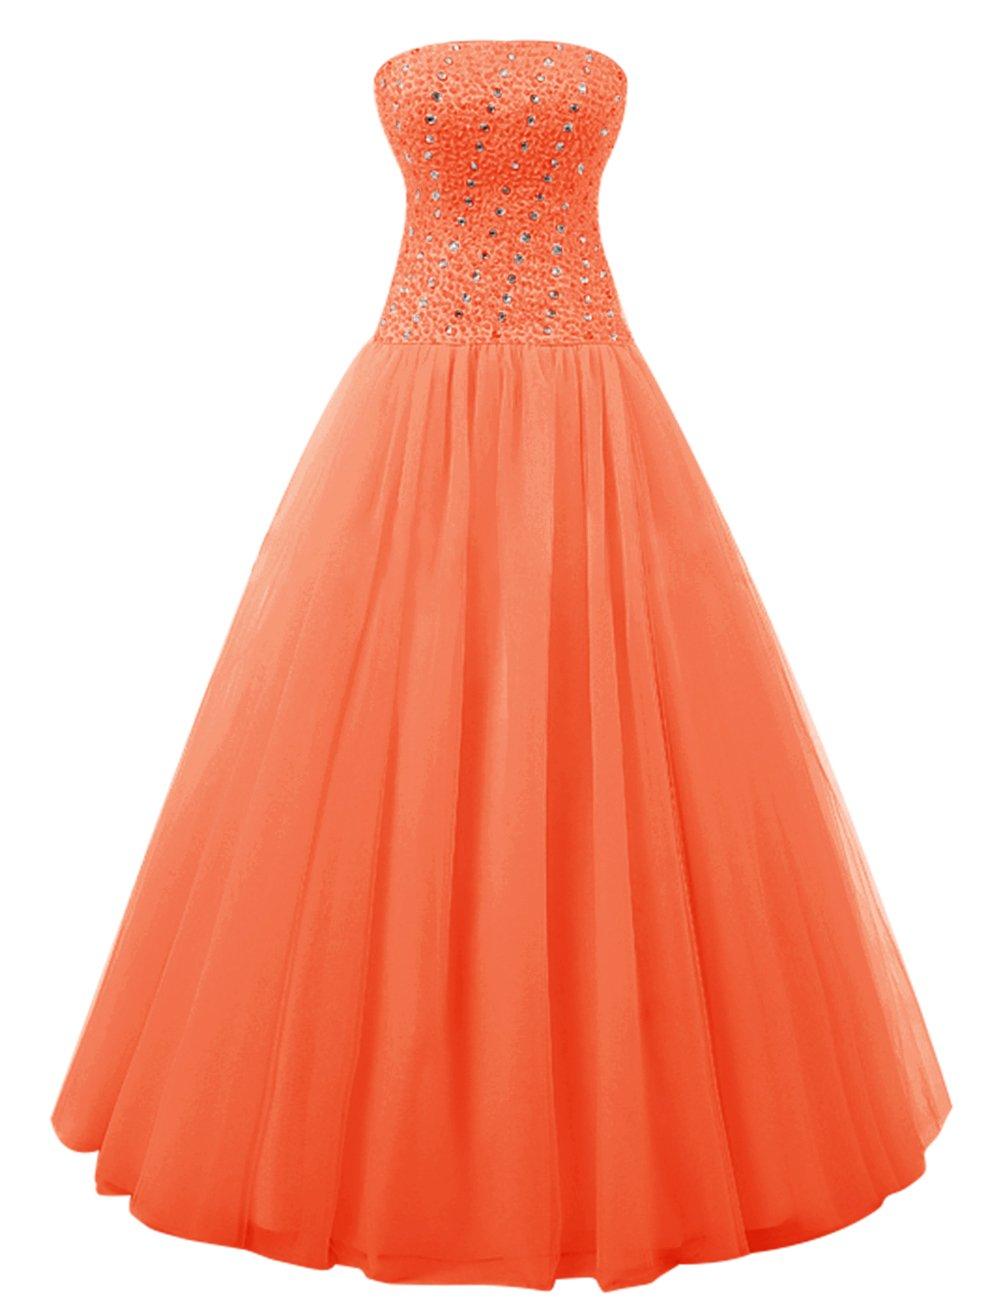 Dresstell(ドレステル) ふわふわ演奏会ドレス リボン ビジュー付き 編み上げ レディース B01KV70R6I JP29W|オレンジ オレンジ JP29W